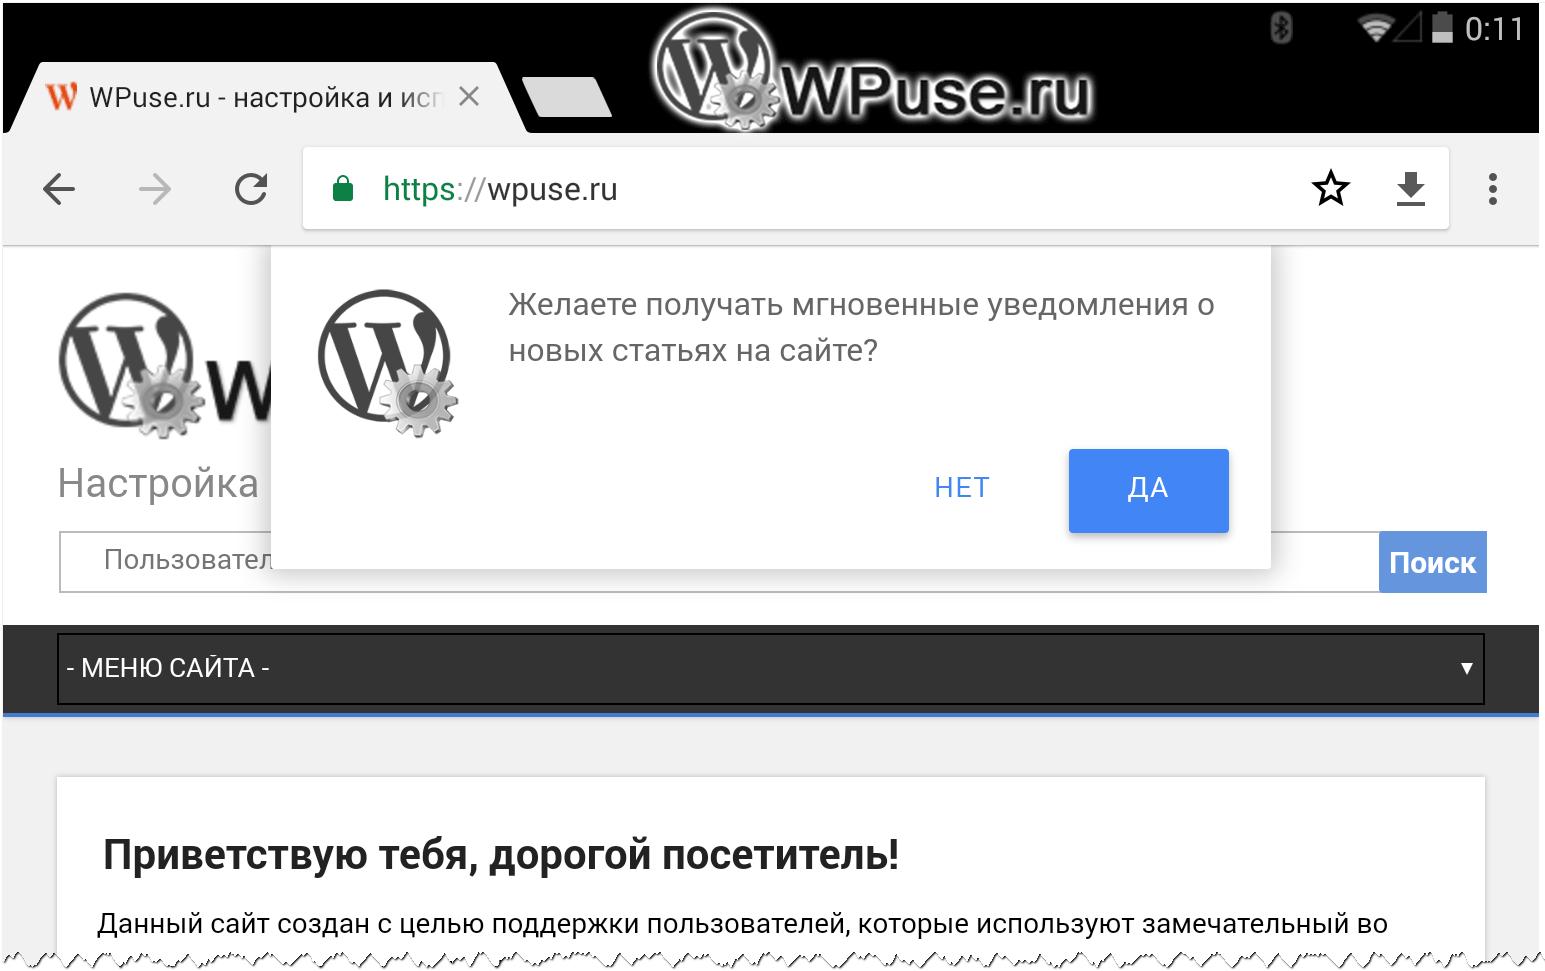 Предварительный запрос на включение оповещений с сайта в мобильном браузере Chrome